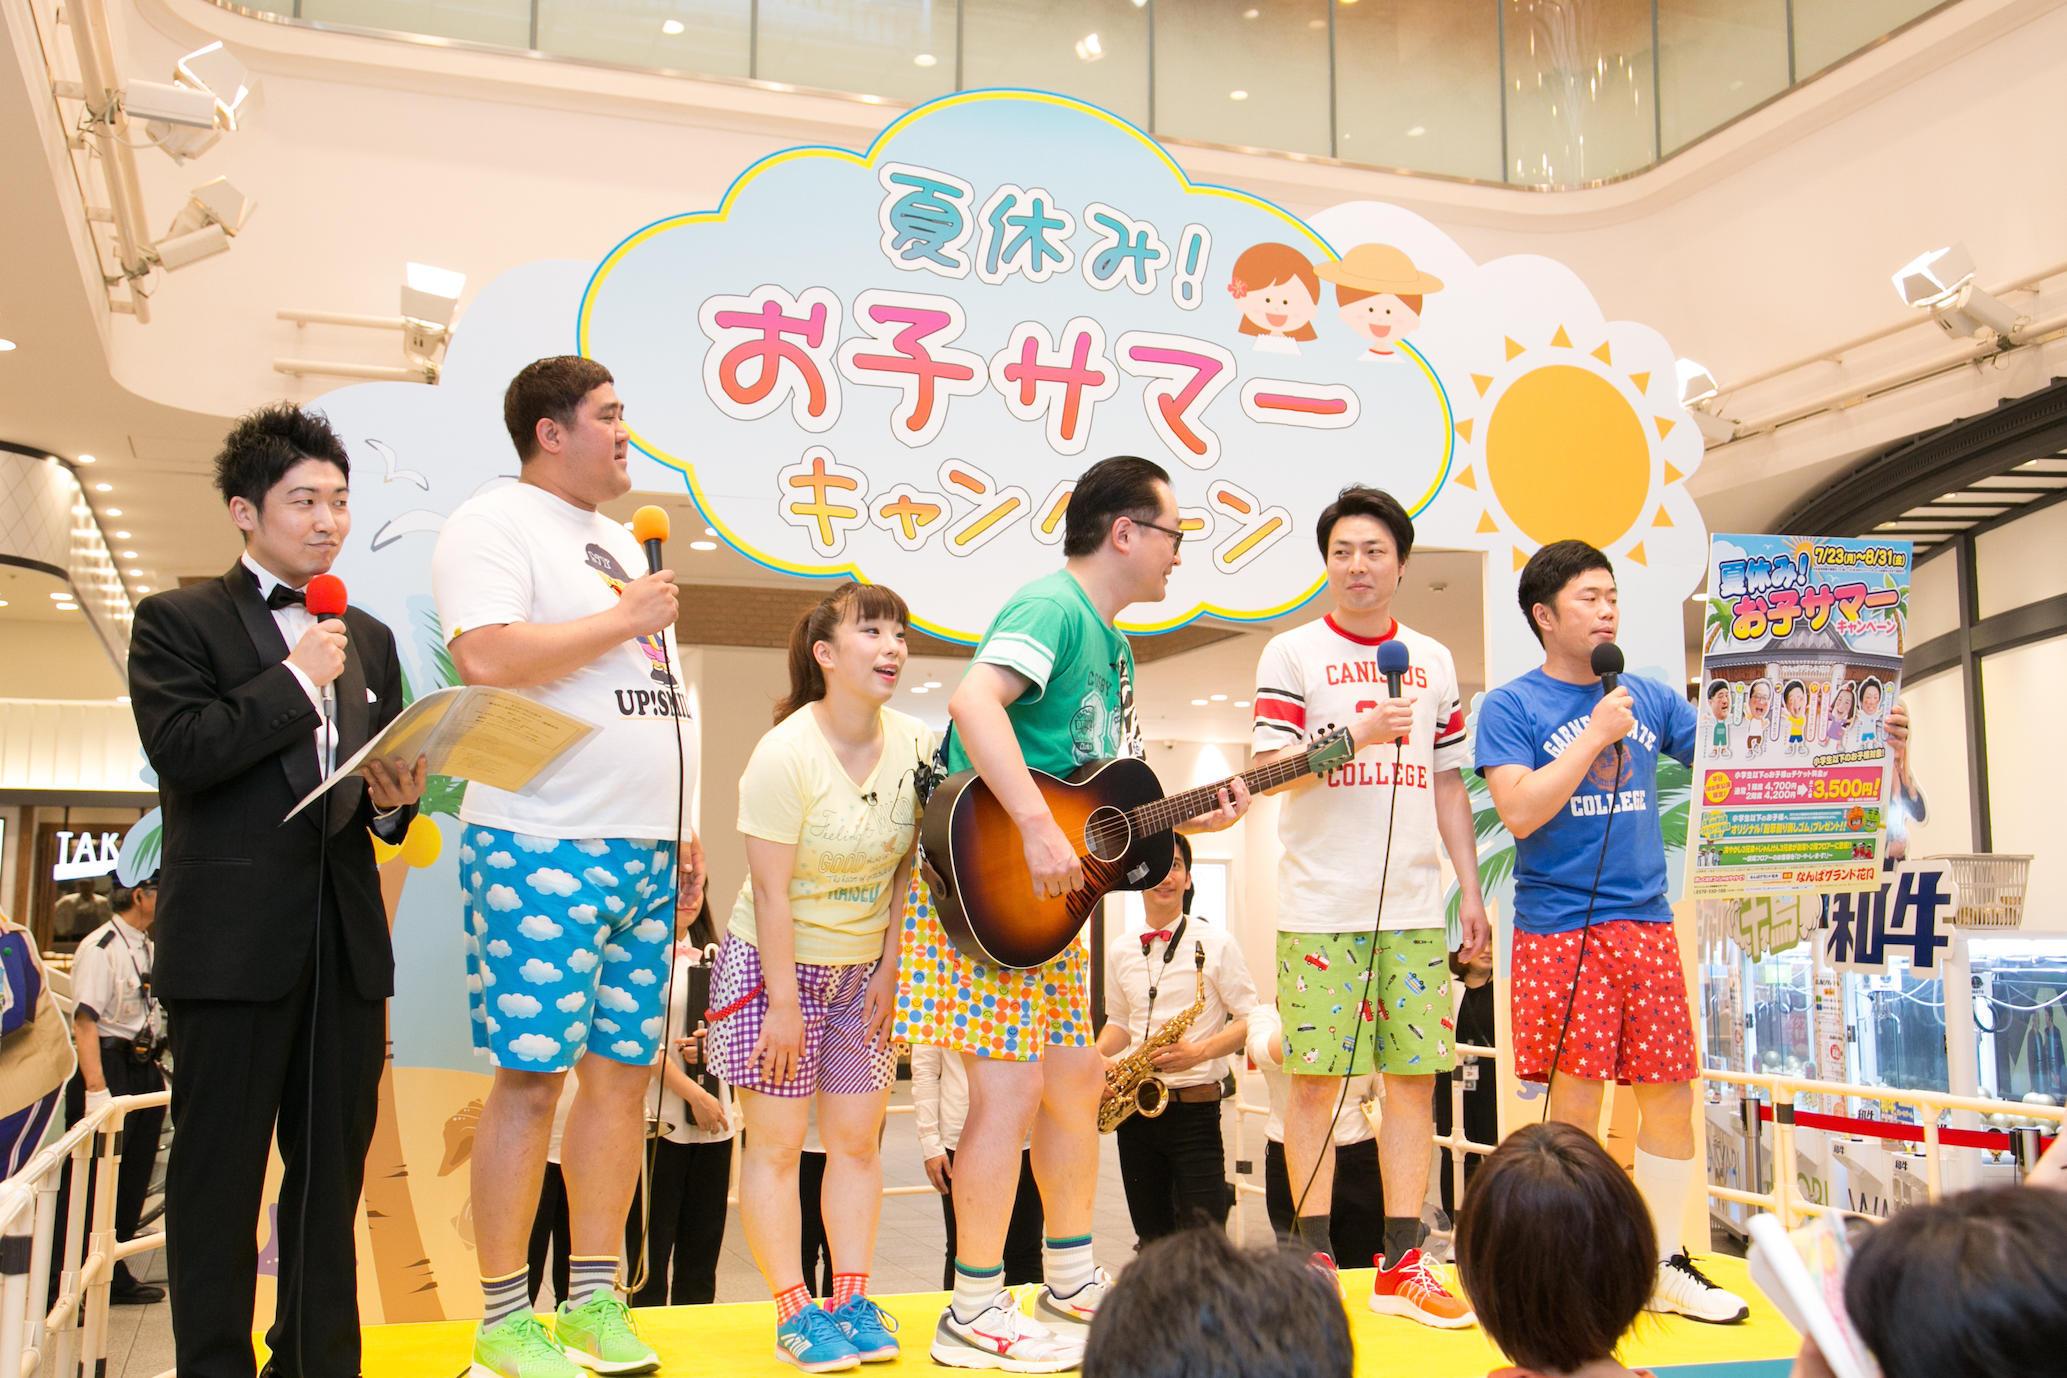 http://news.yoshimoto.co.jp/20180717222957-d14575b96d0a2efbe30d021c37aeb1690c29f0dc.jpg